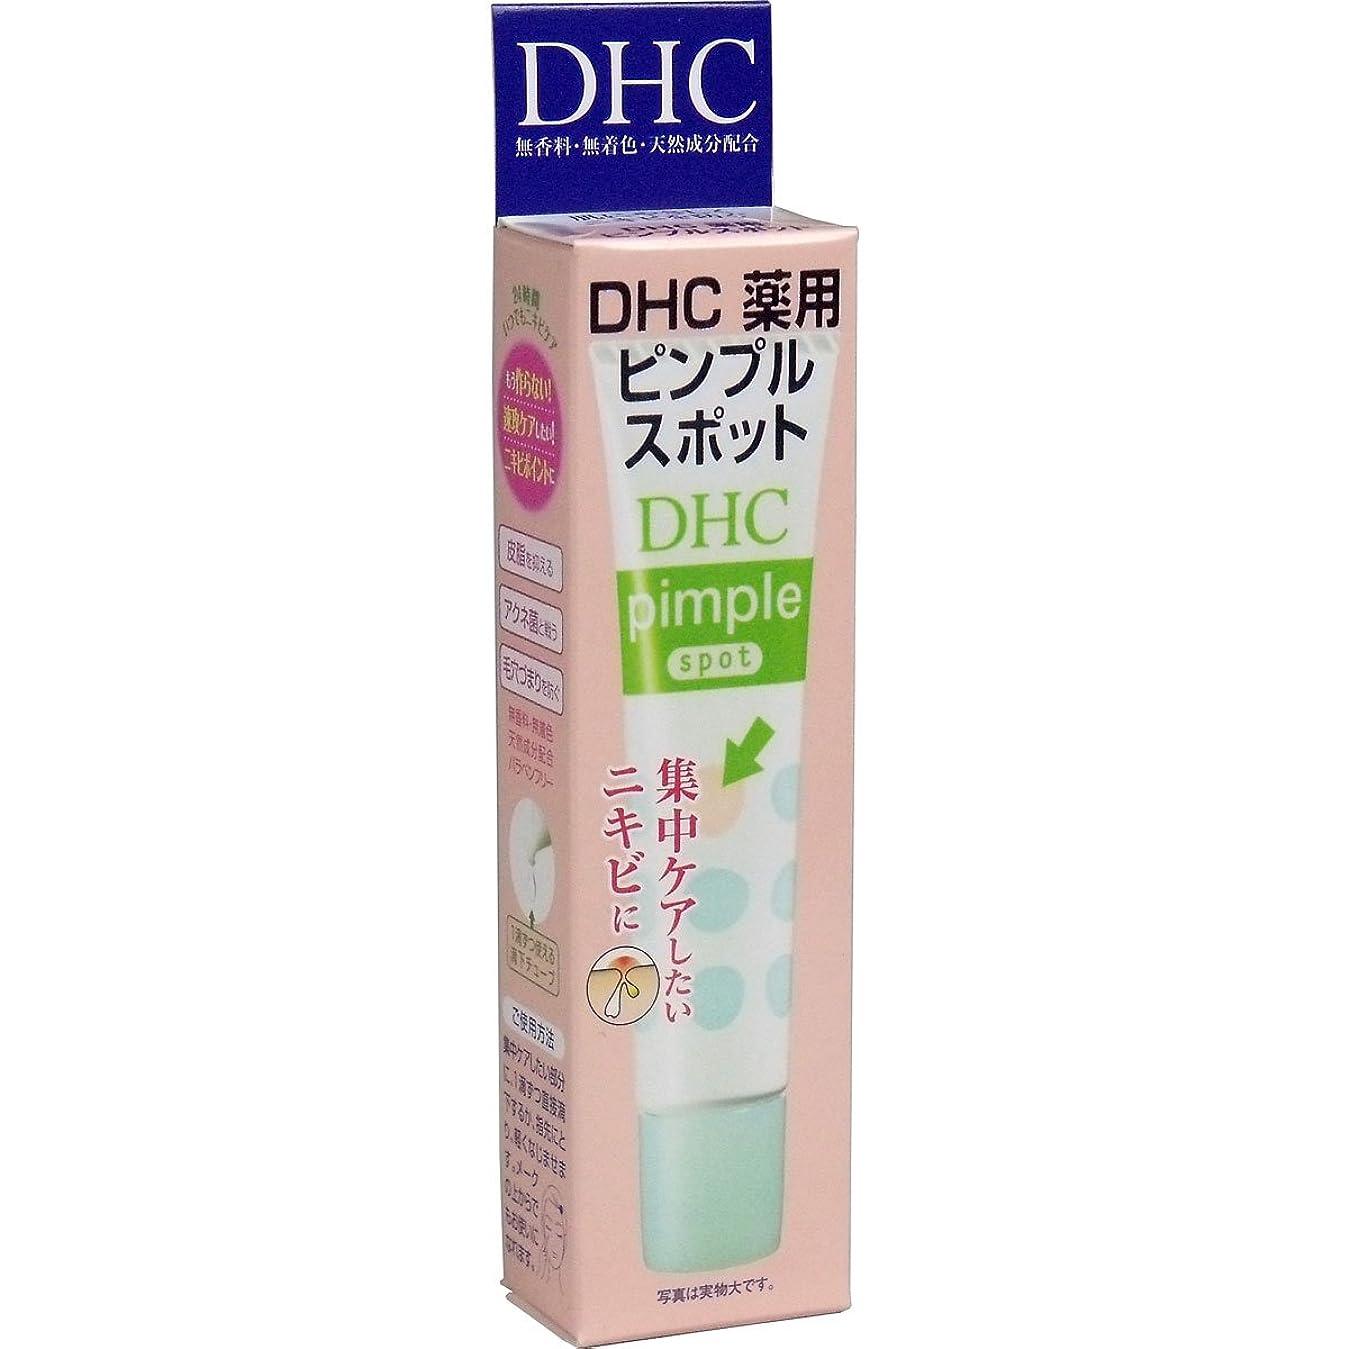 帝国グレートオークチャネルDHC 薬用ピンプルスポット 15ml